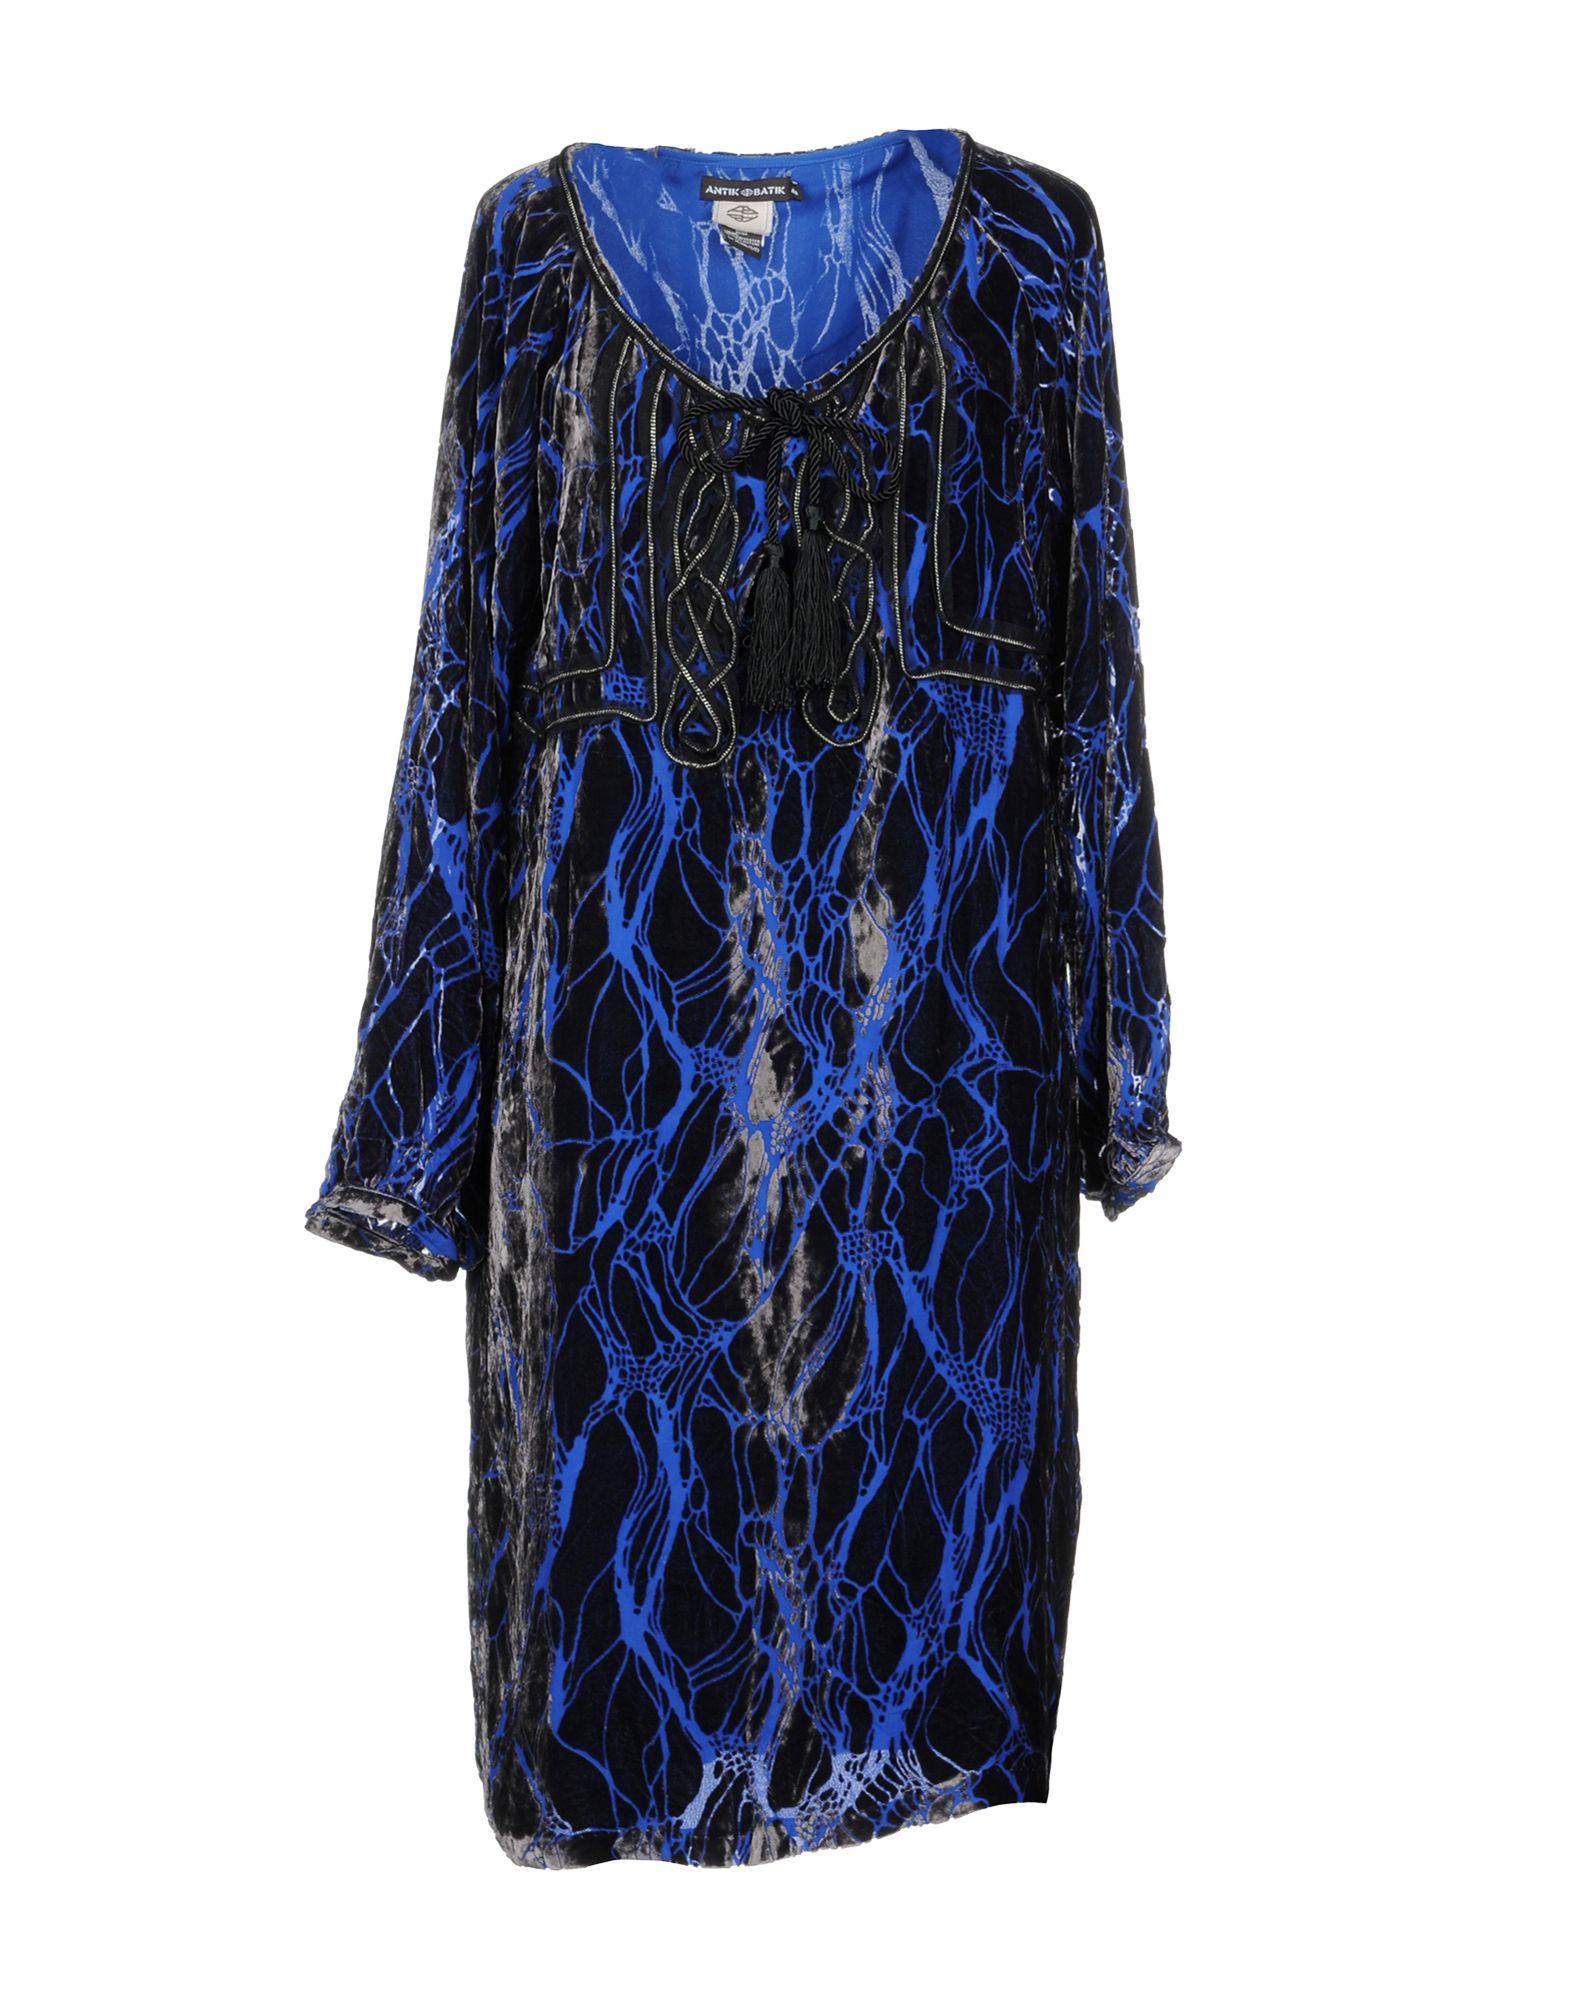 Antik Batik Knee-length Dress In Blue